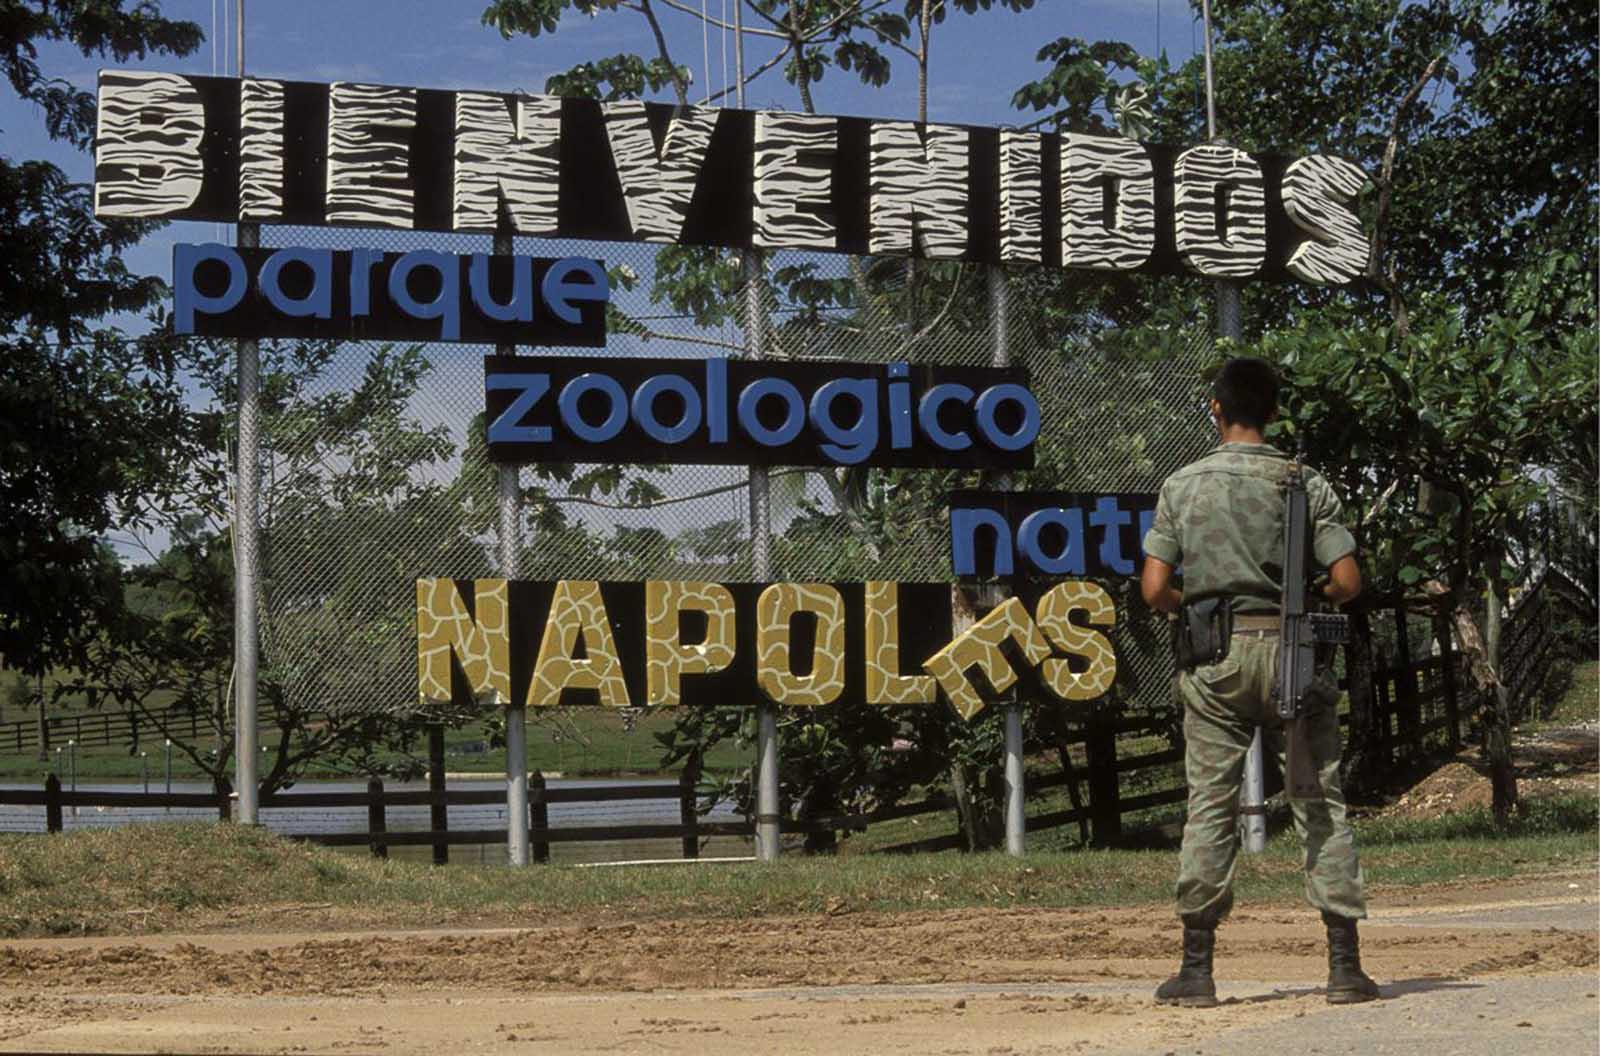 Un cartel da la bienvenida a los visitantes al zoológico de la hacienda.